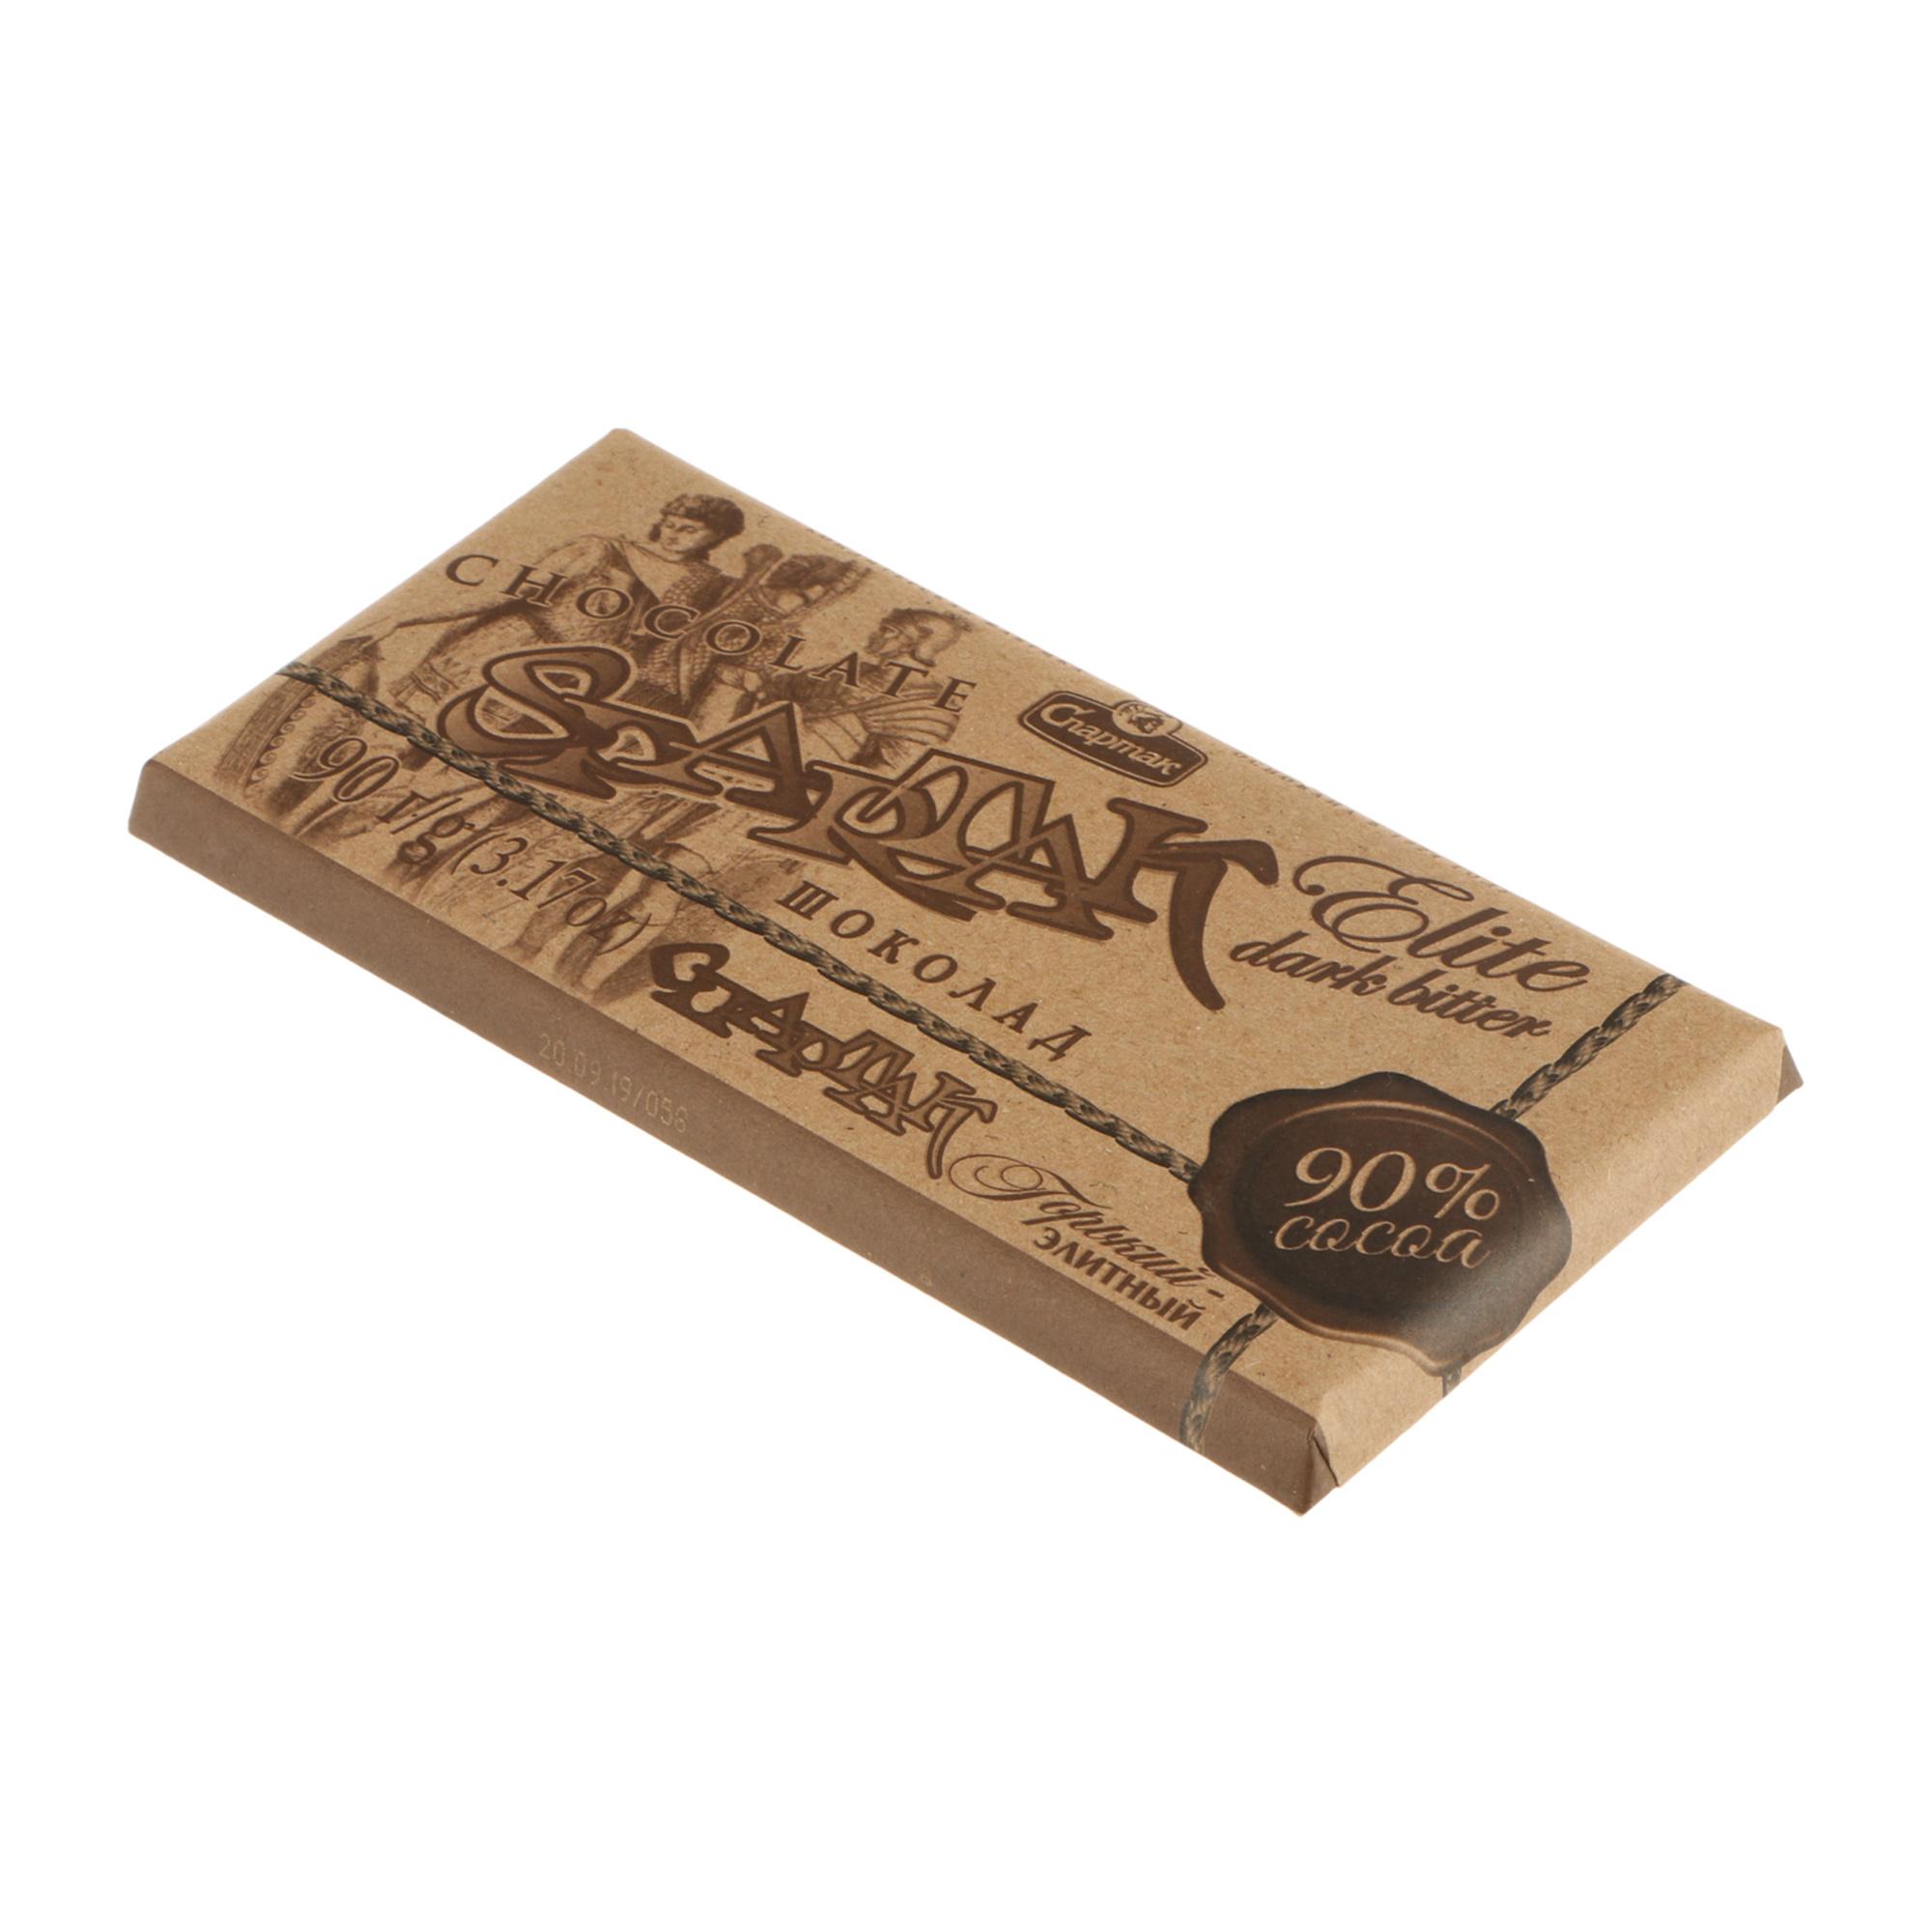 шоколад спартак горький 72% какао 90 г Шоколад Горький Спартак Элитный 90%